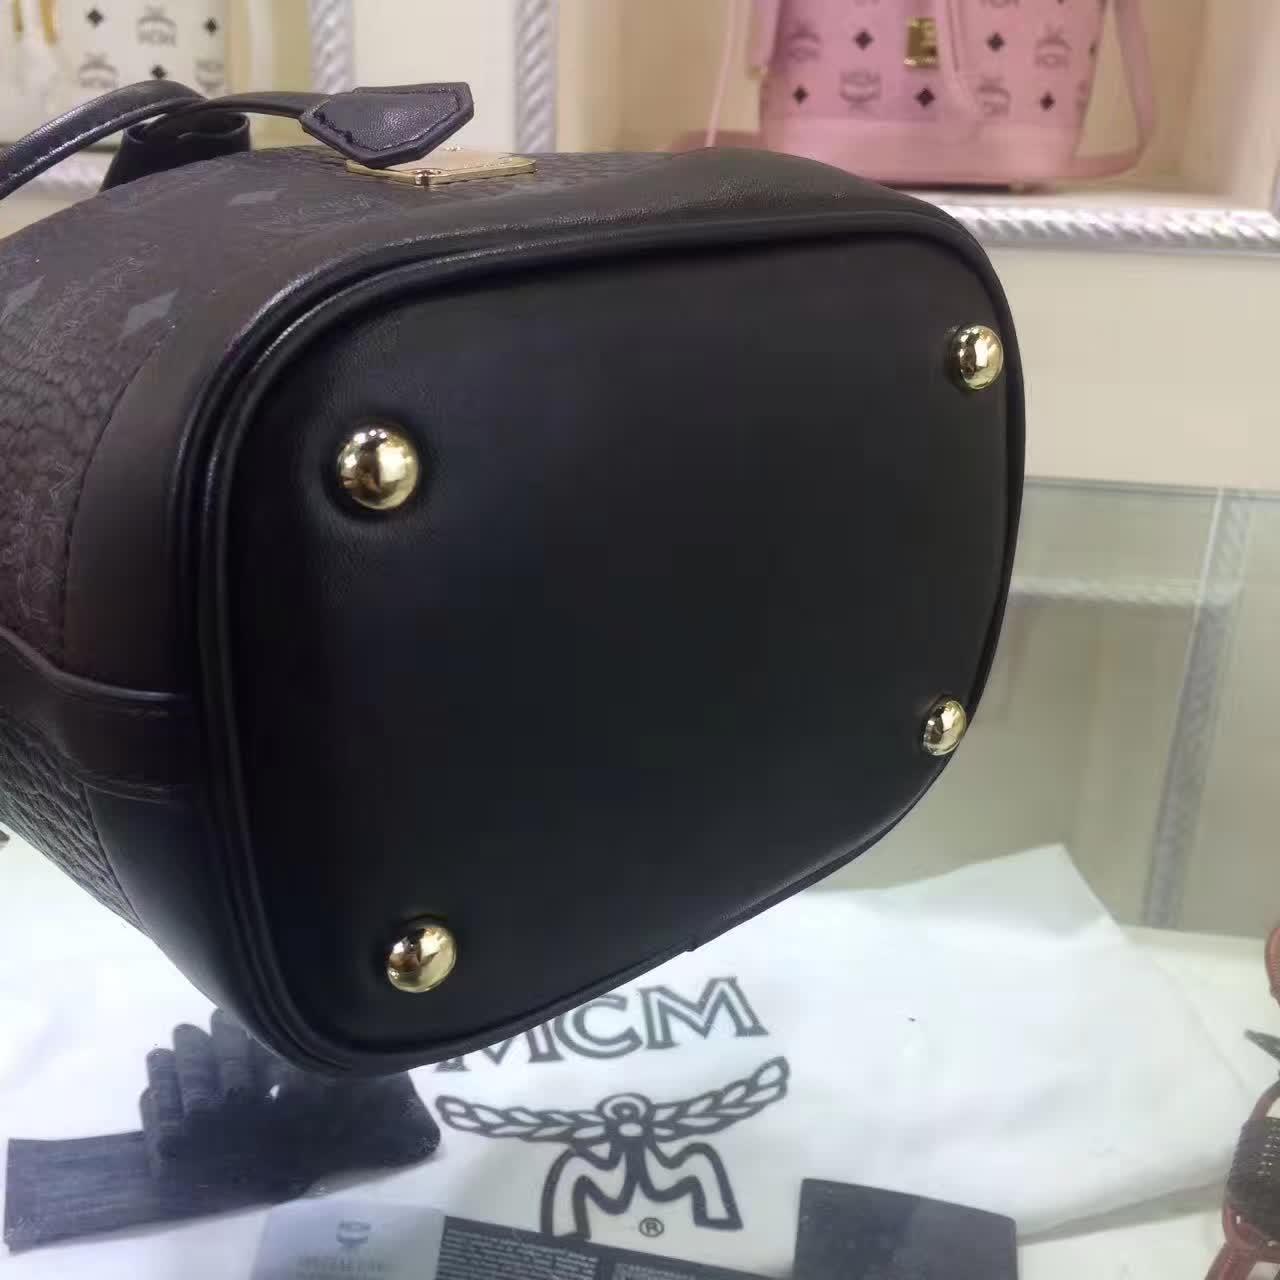 MCM2017新款 迷你单肩斜跨包水桶包 轻巧有型 时尚简约的抽绳设计 黑色